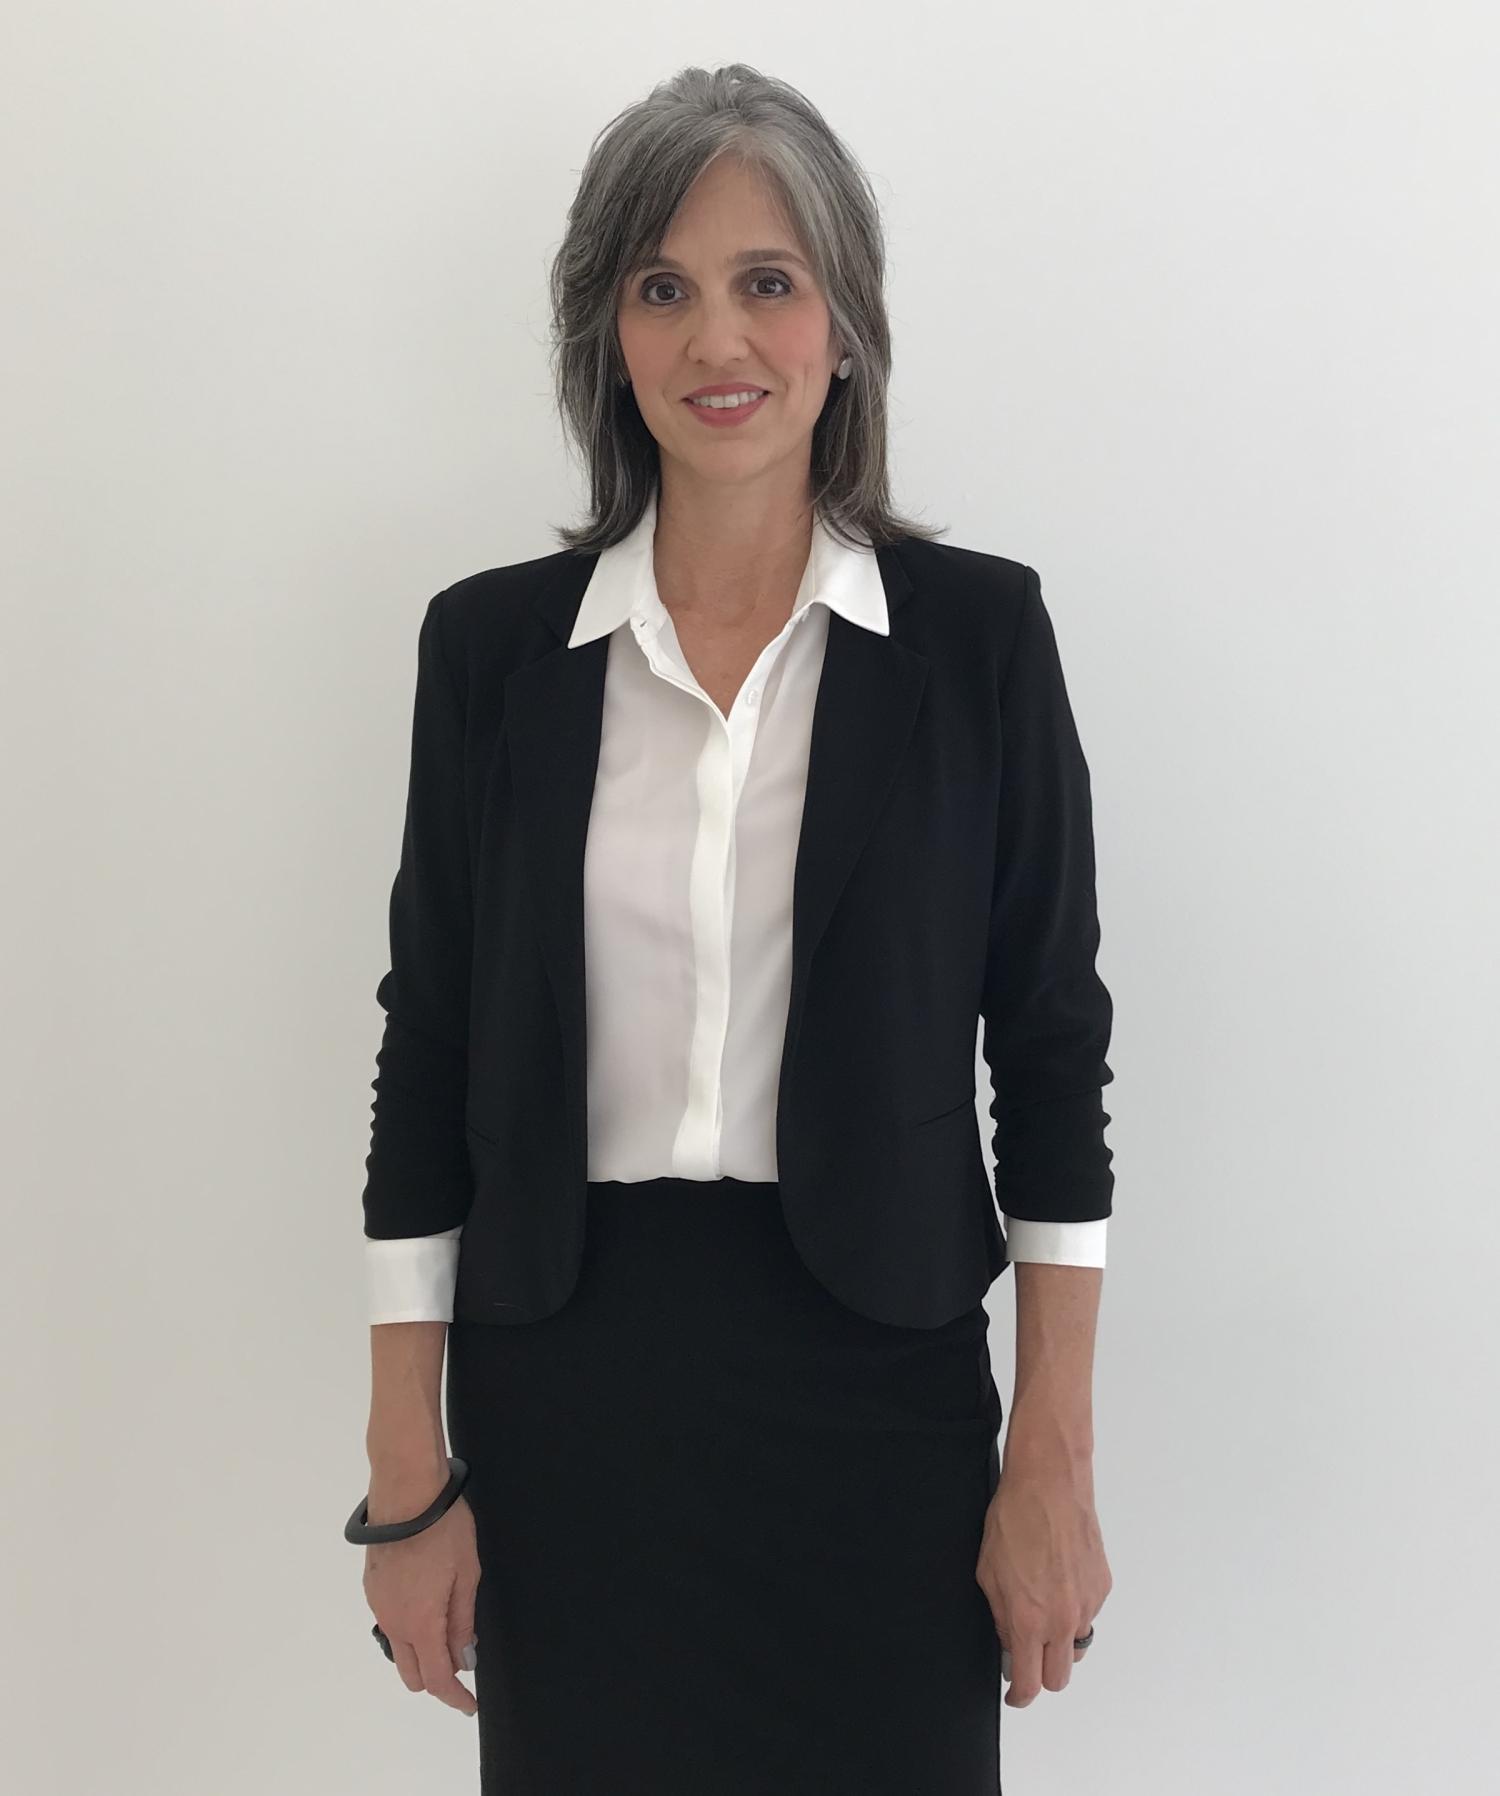 Olga Viso